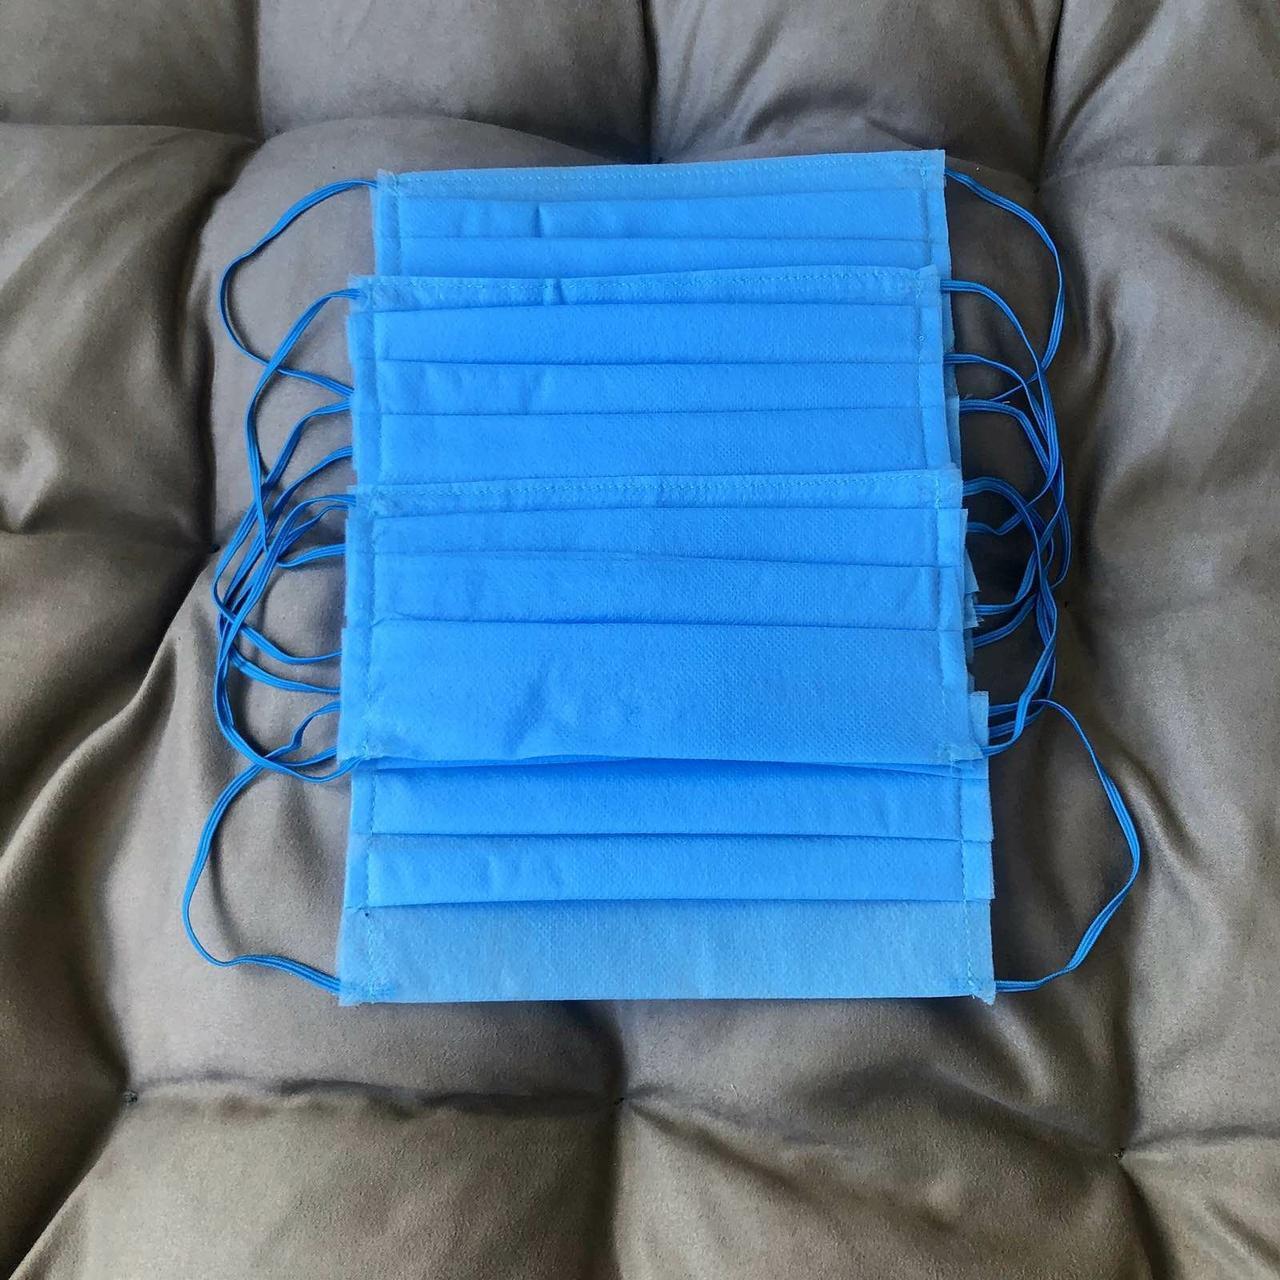 Маски, повязки шитые синие трёхслойные из спанбонда защитные, качественные!